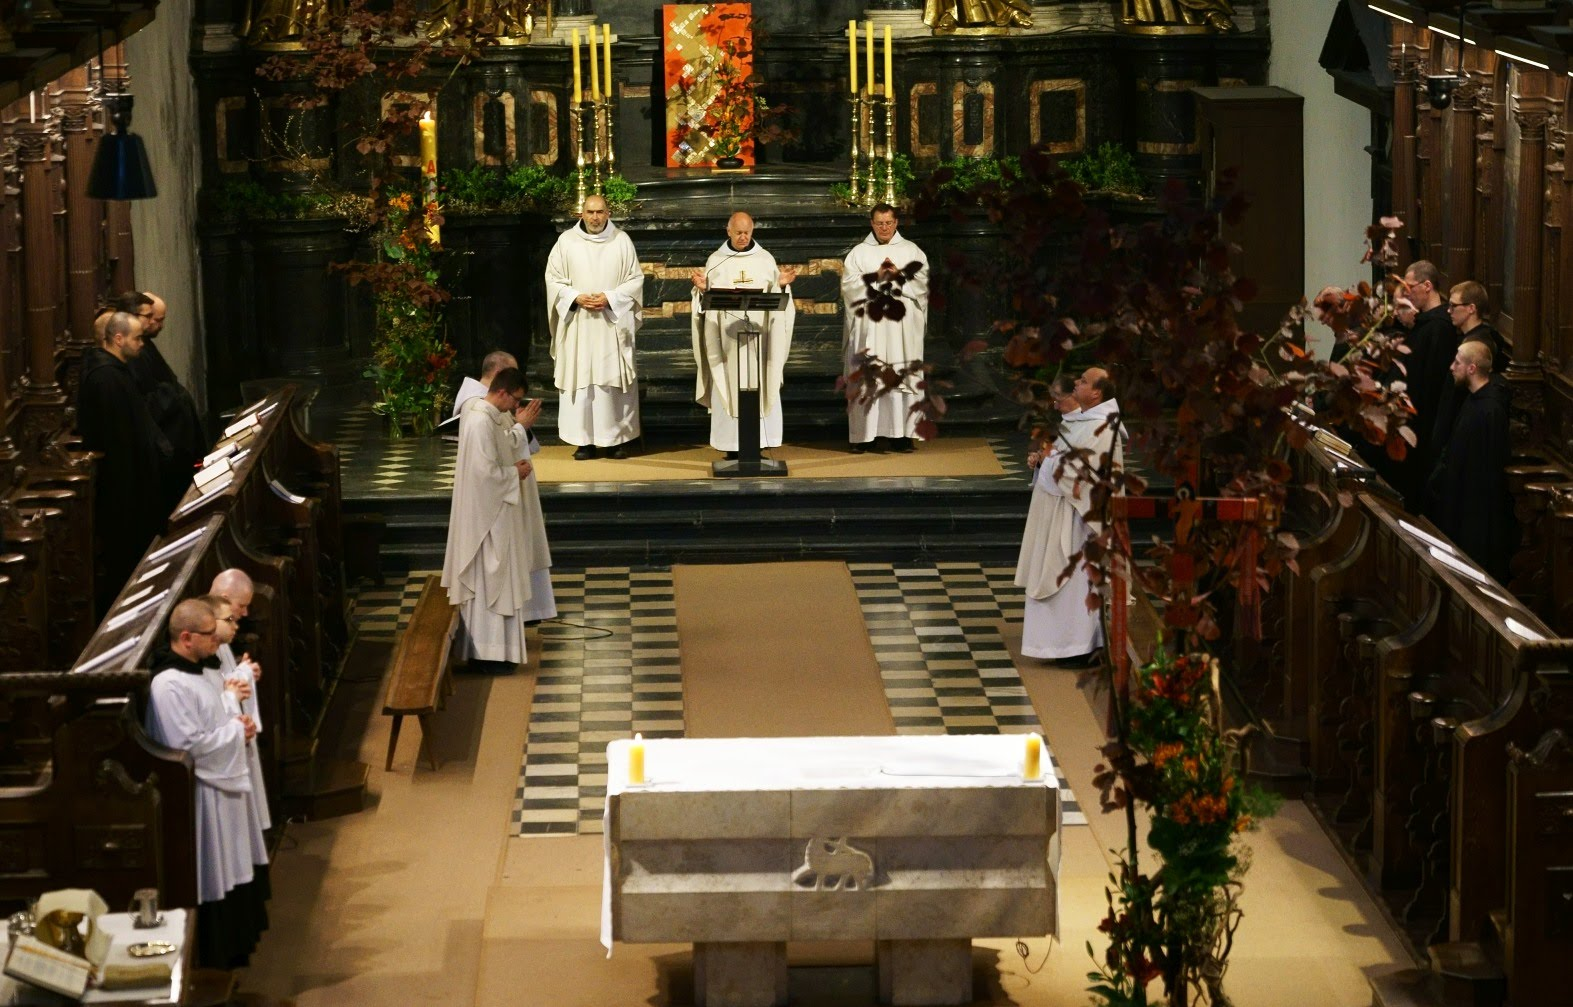 Transmisja na żywo z kościoła w Opactwie Benedyktynów w Tyńcu.